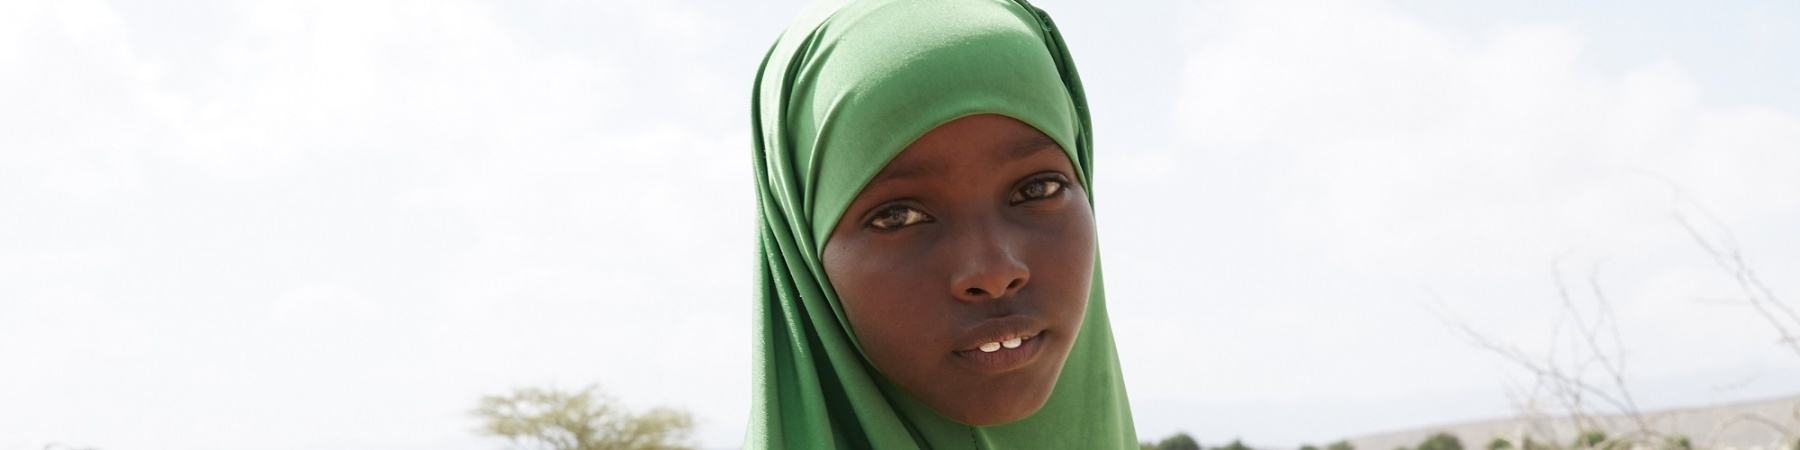 Somaliland ragazza